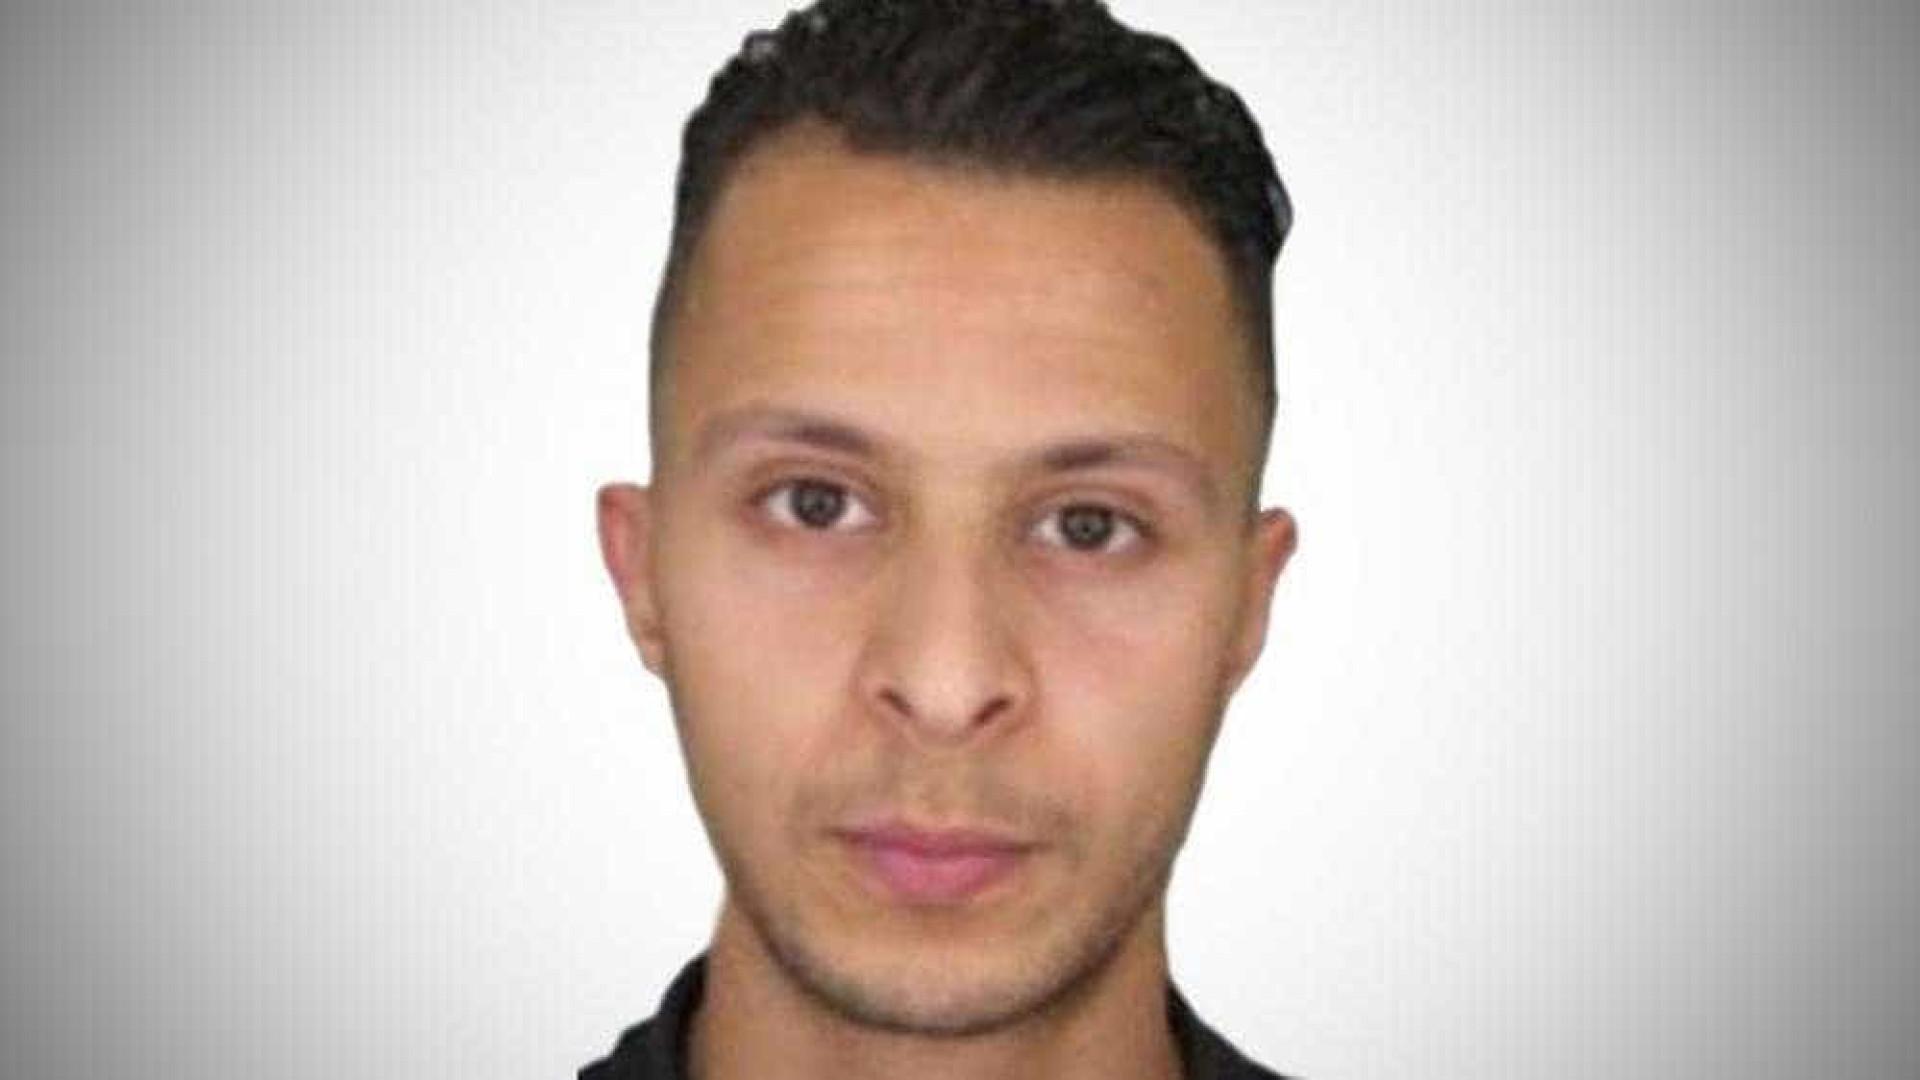 Sobrevivente de atentados de Paris recebe pena de 20 anos de prisão